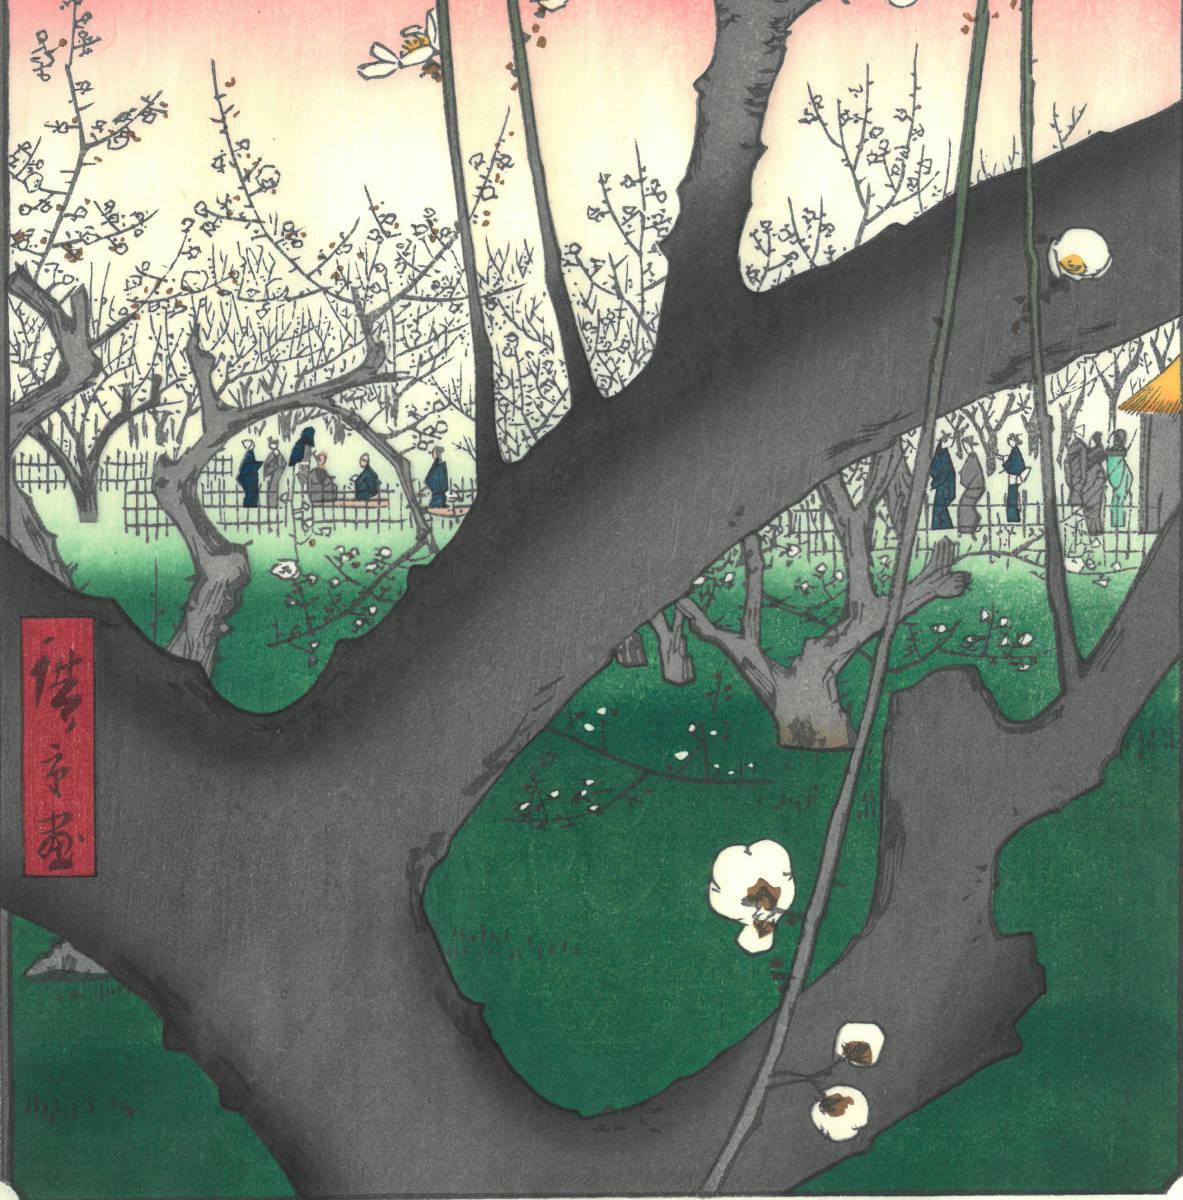 歌川広重 (Utagawa Hiroshige) 木版画 江戸百景 #30. 亀戸梅屋舗 初版1856-58年頃 広重の木版画の真の素晴らしさをご堪能下さい!_画像7